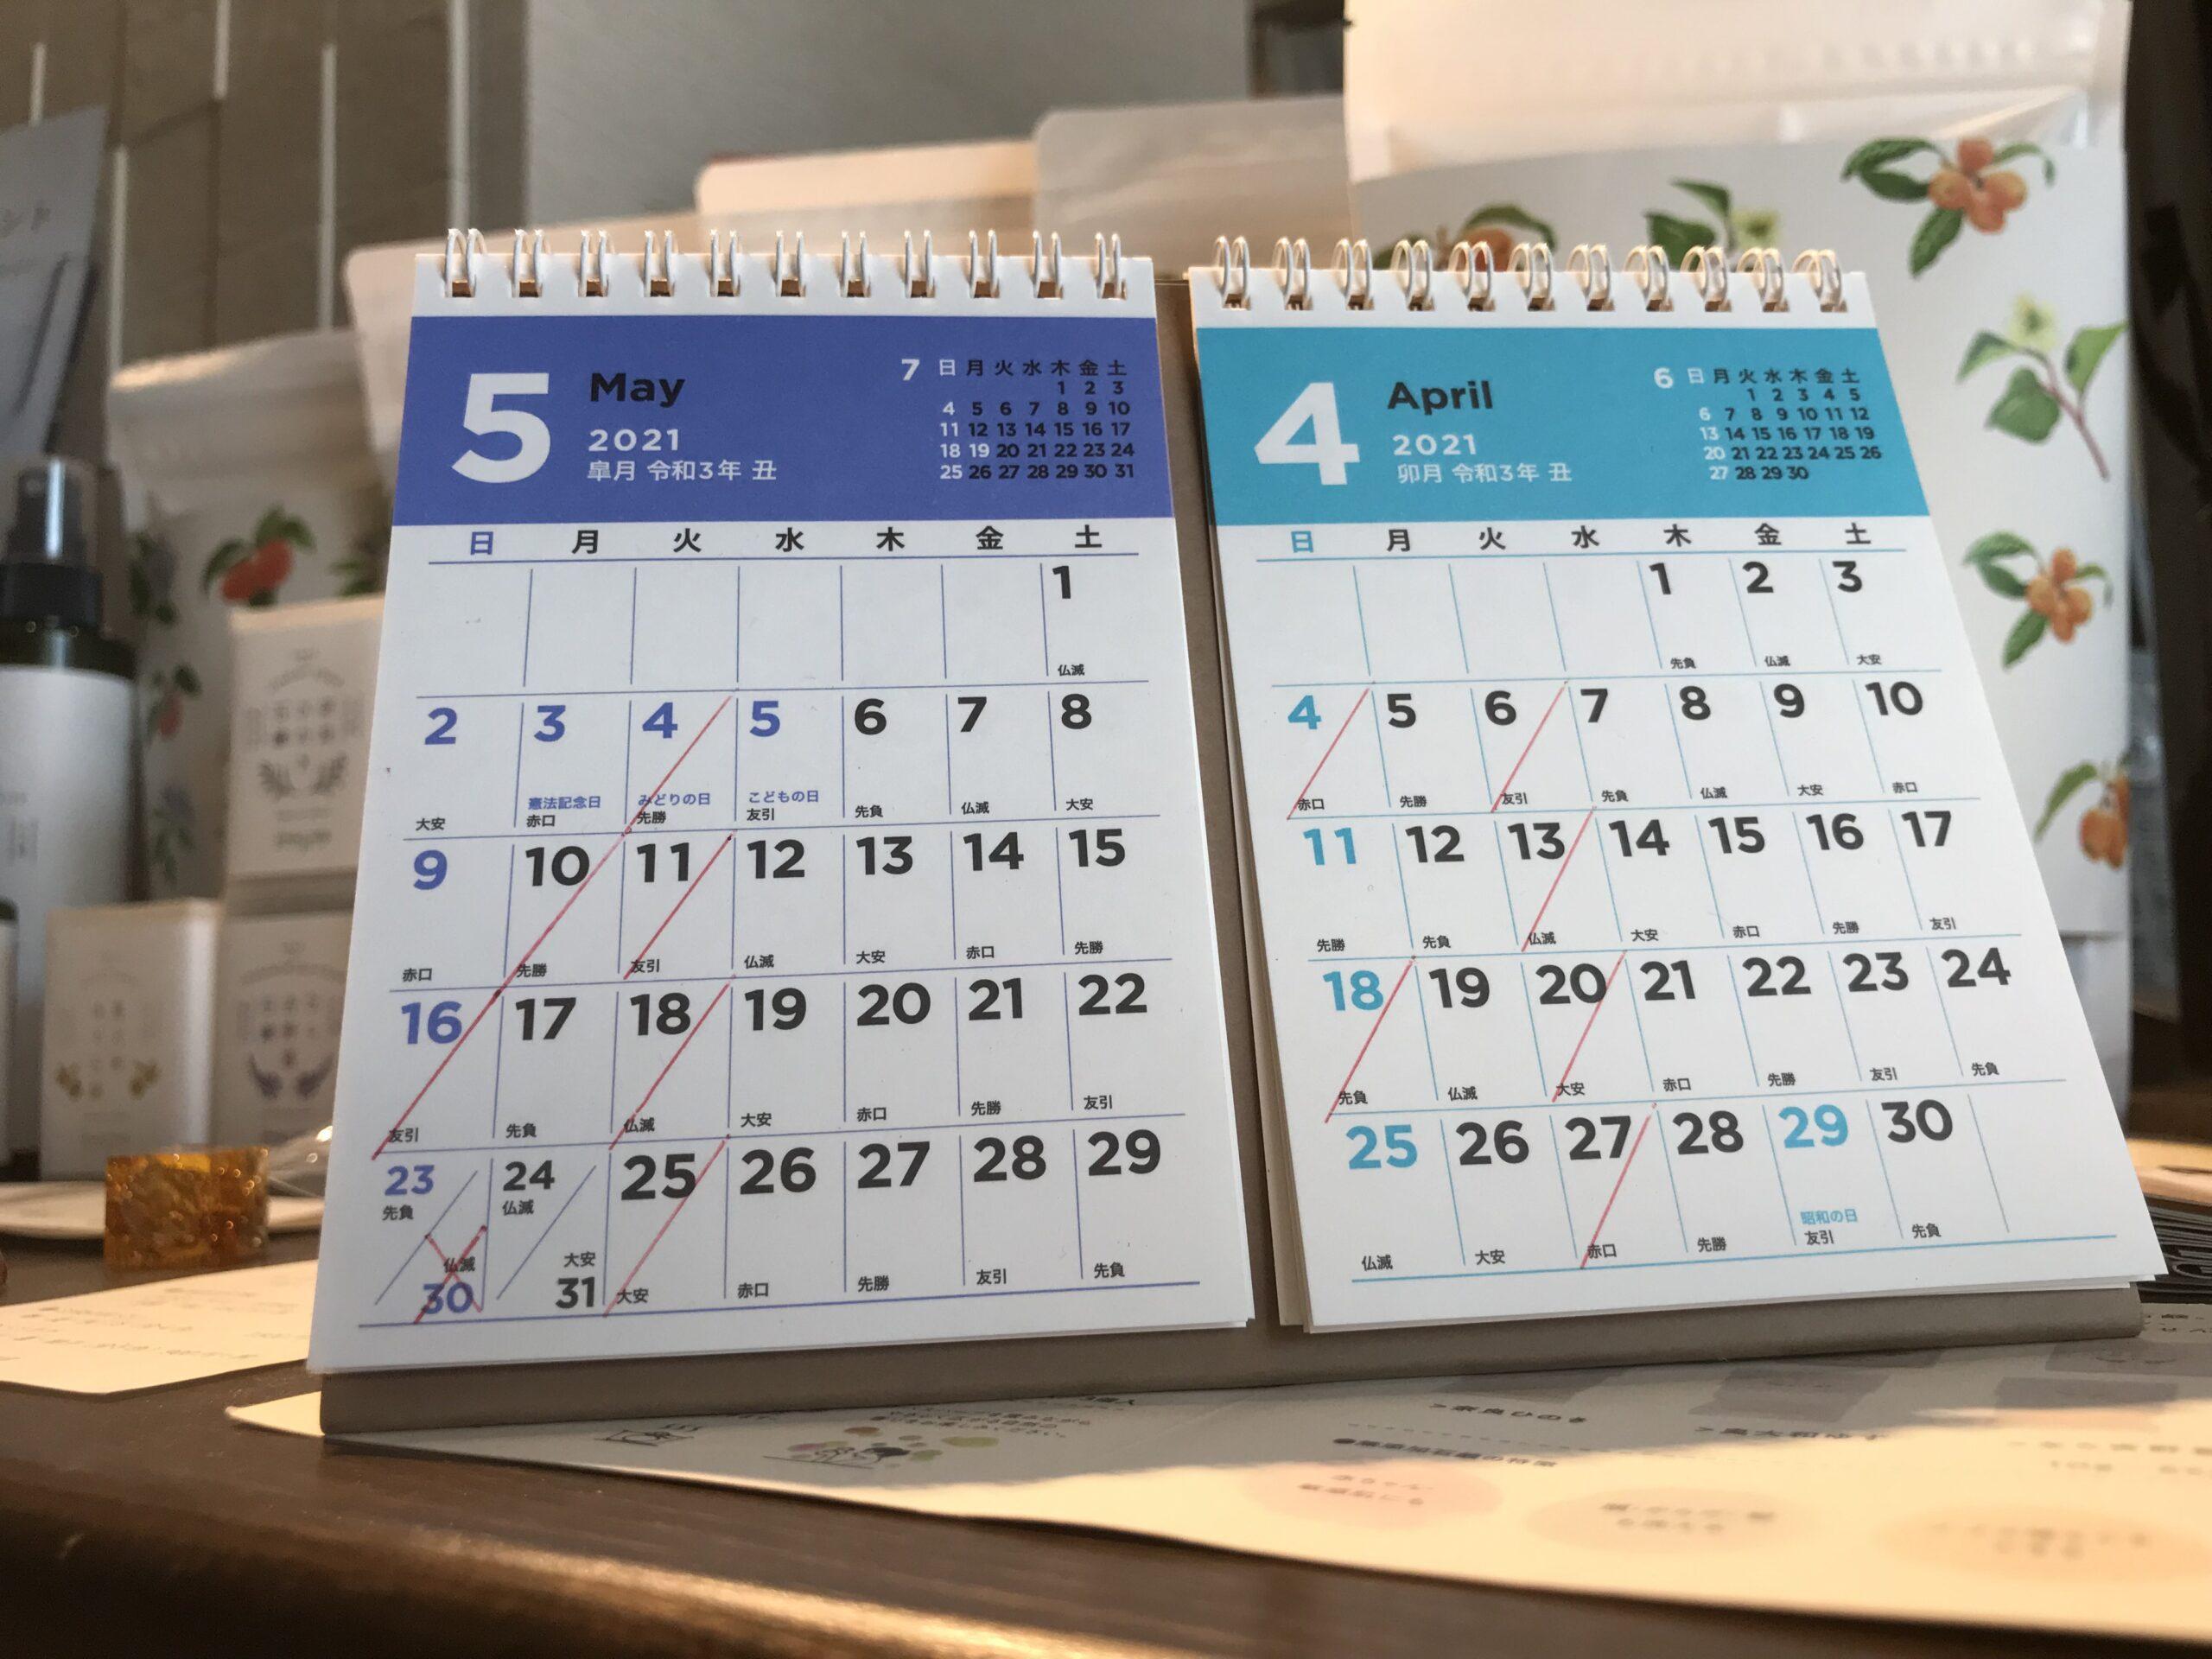 5月定休日 奈良市整体西大寺カイロ